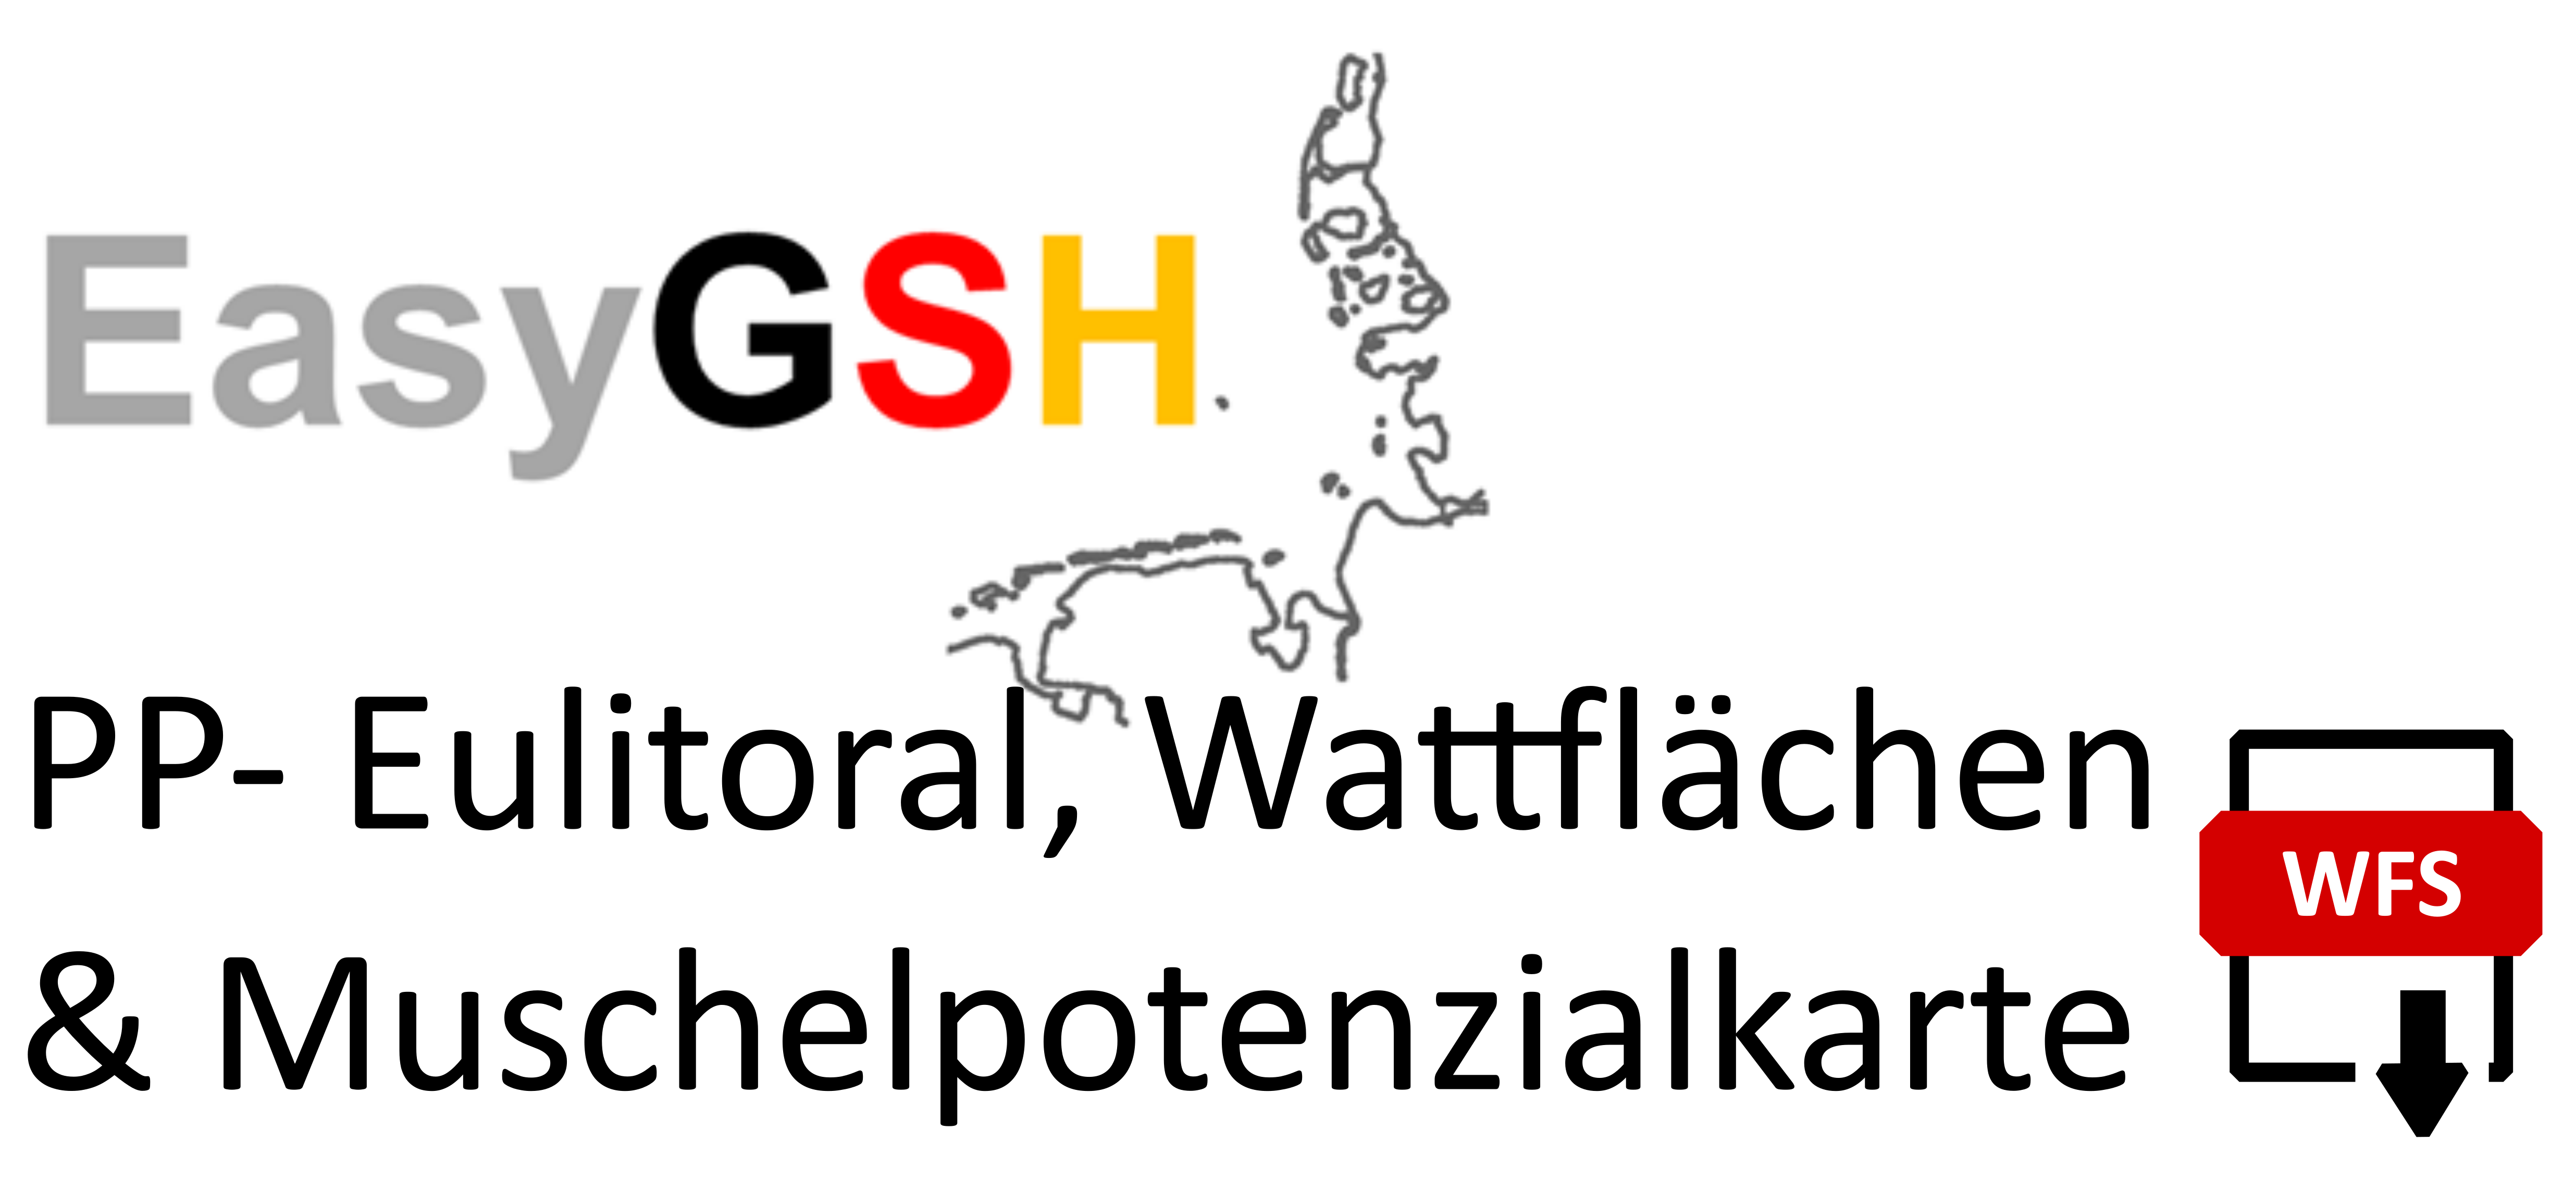 EasyGSH-DB: PP - Eulitoral, Wattflächen & Muschelpotenzialkarte (WFS)